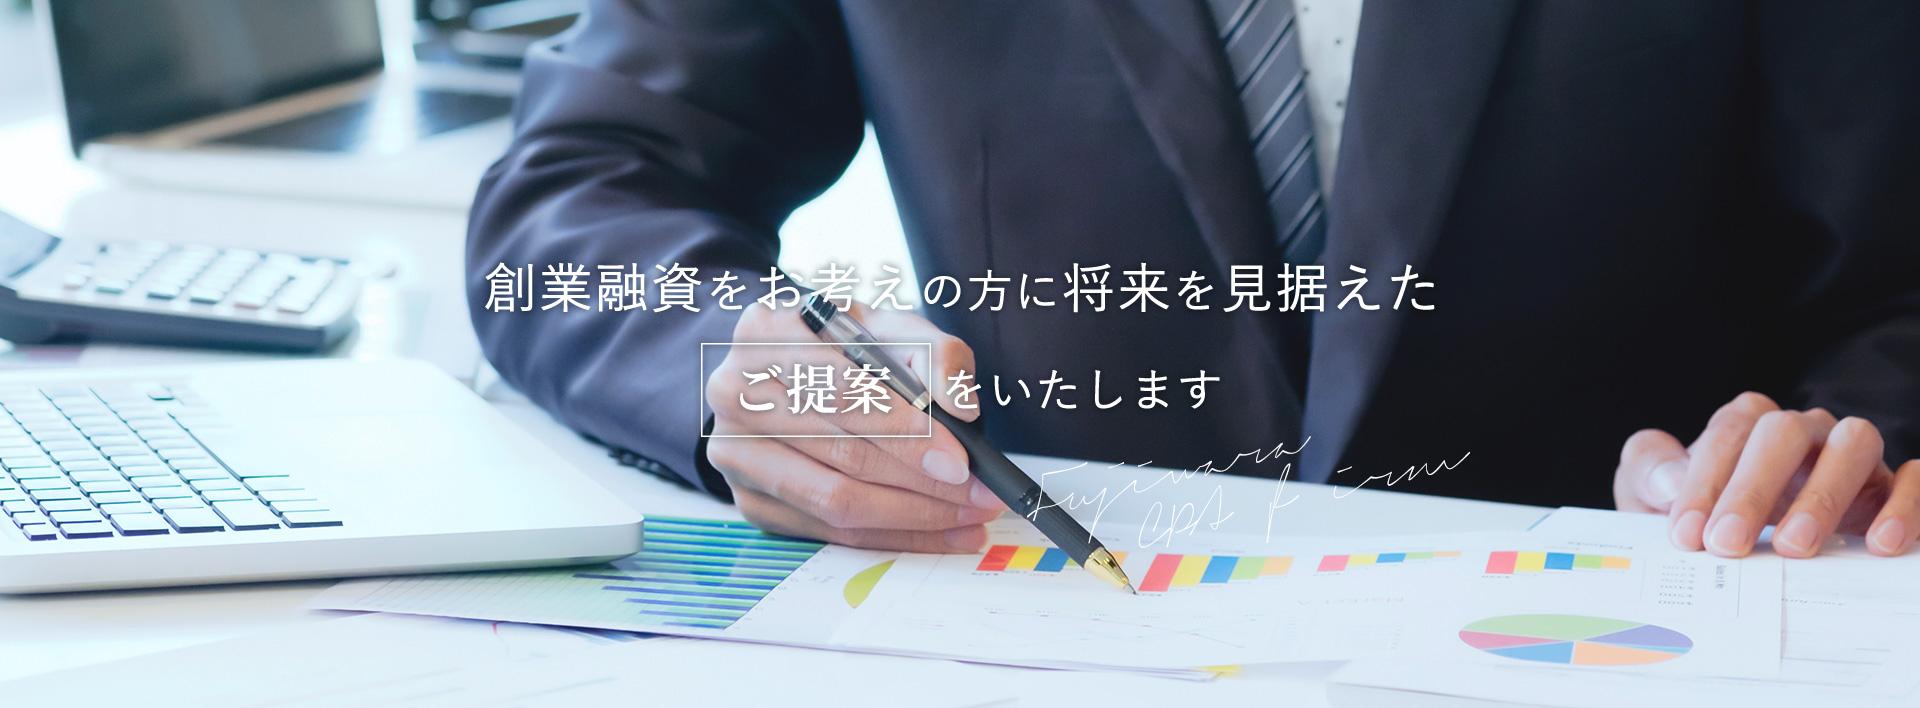 創業融資をお考えの方に将来を見据えたご提案をいたします